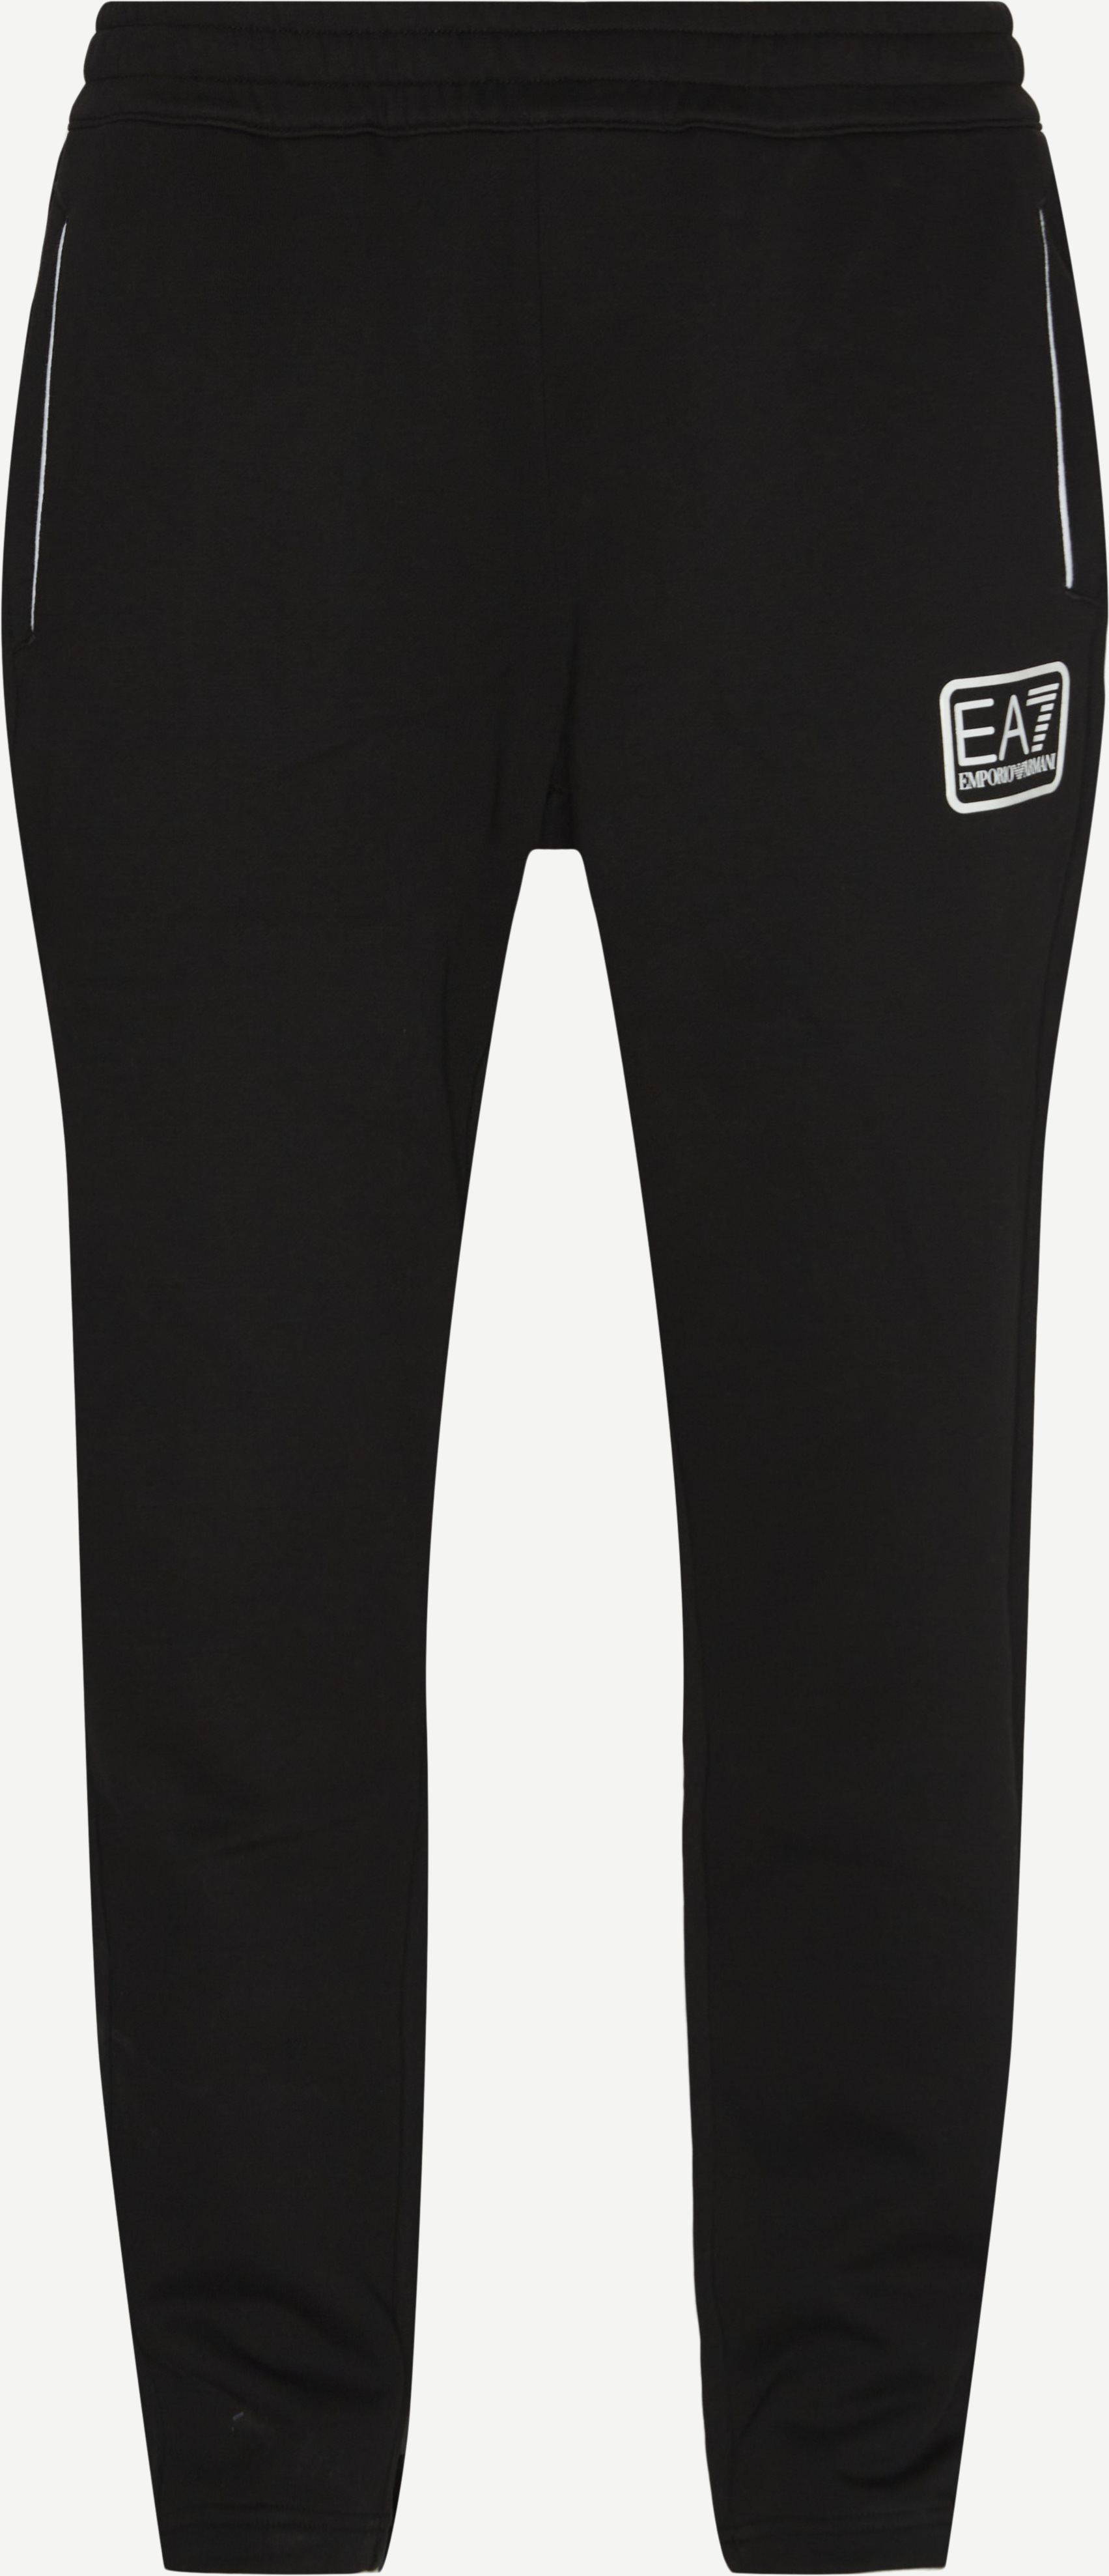 6KPV67 Sweatpants - Bukser - Regular fit - Sort